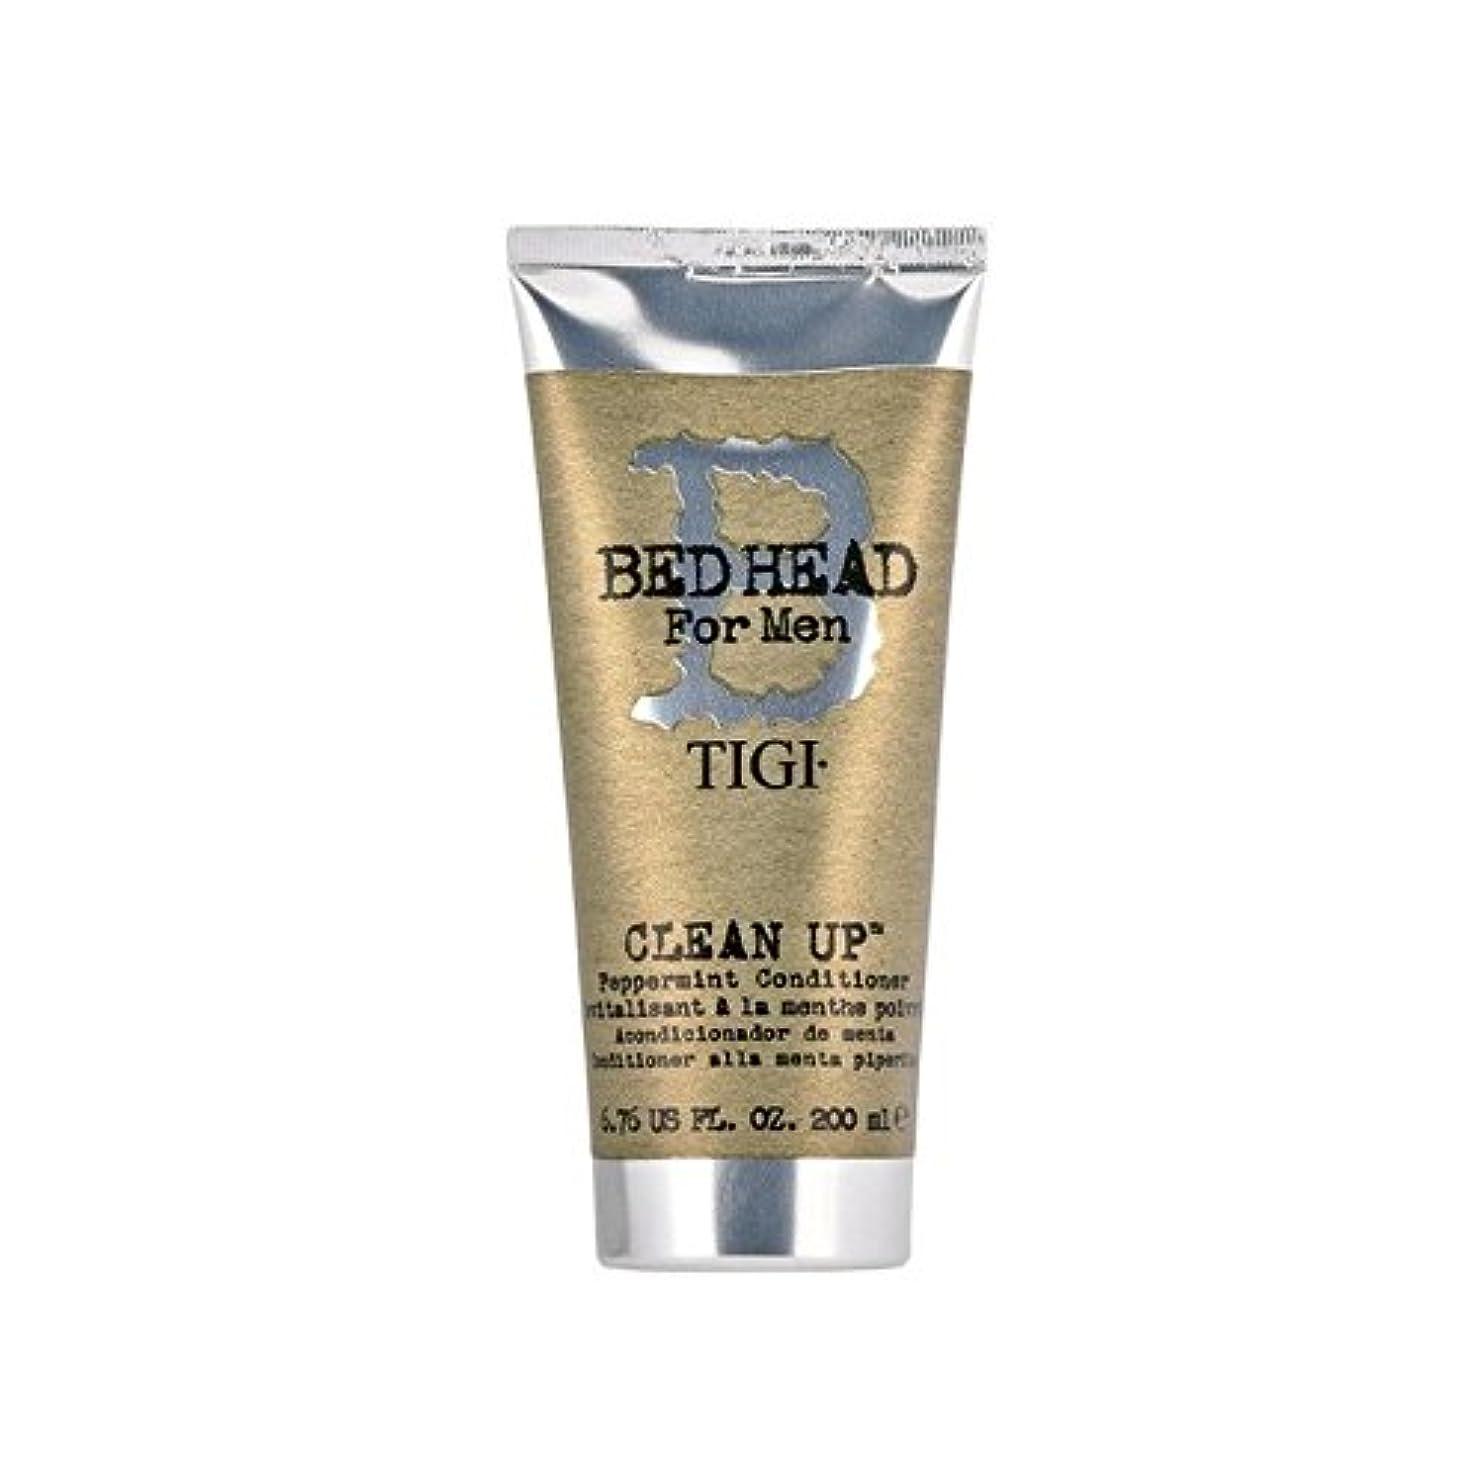 公爵ハウジング気分Tigi Bed Head For Men Clean Up Peppermint Conditioner (200ml) - ペパーミントコンディショナーをクリーンアップする男性のためのティジーベッドヘッド(200ミリリットル) [並行輸入品]